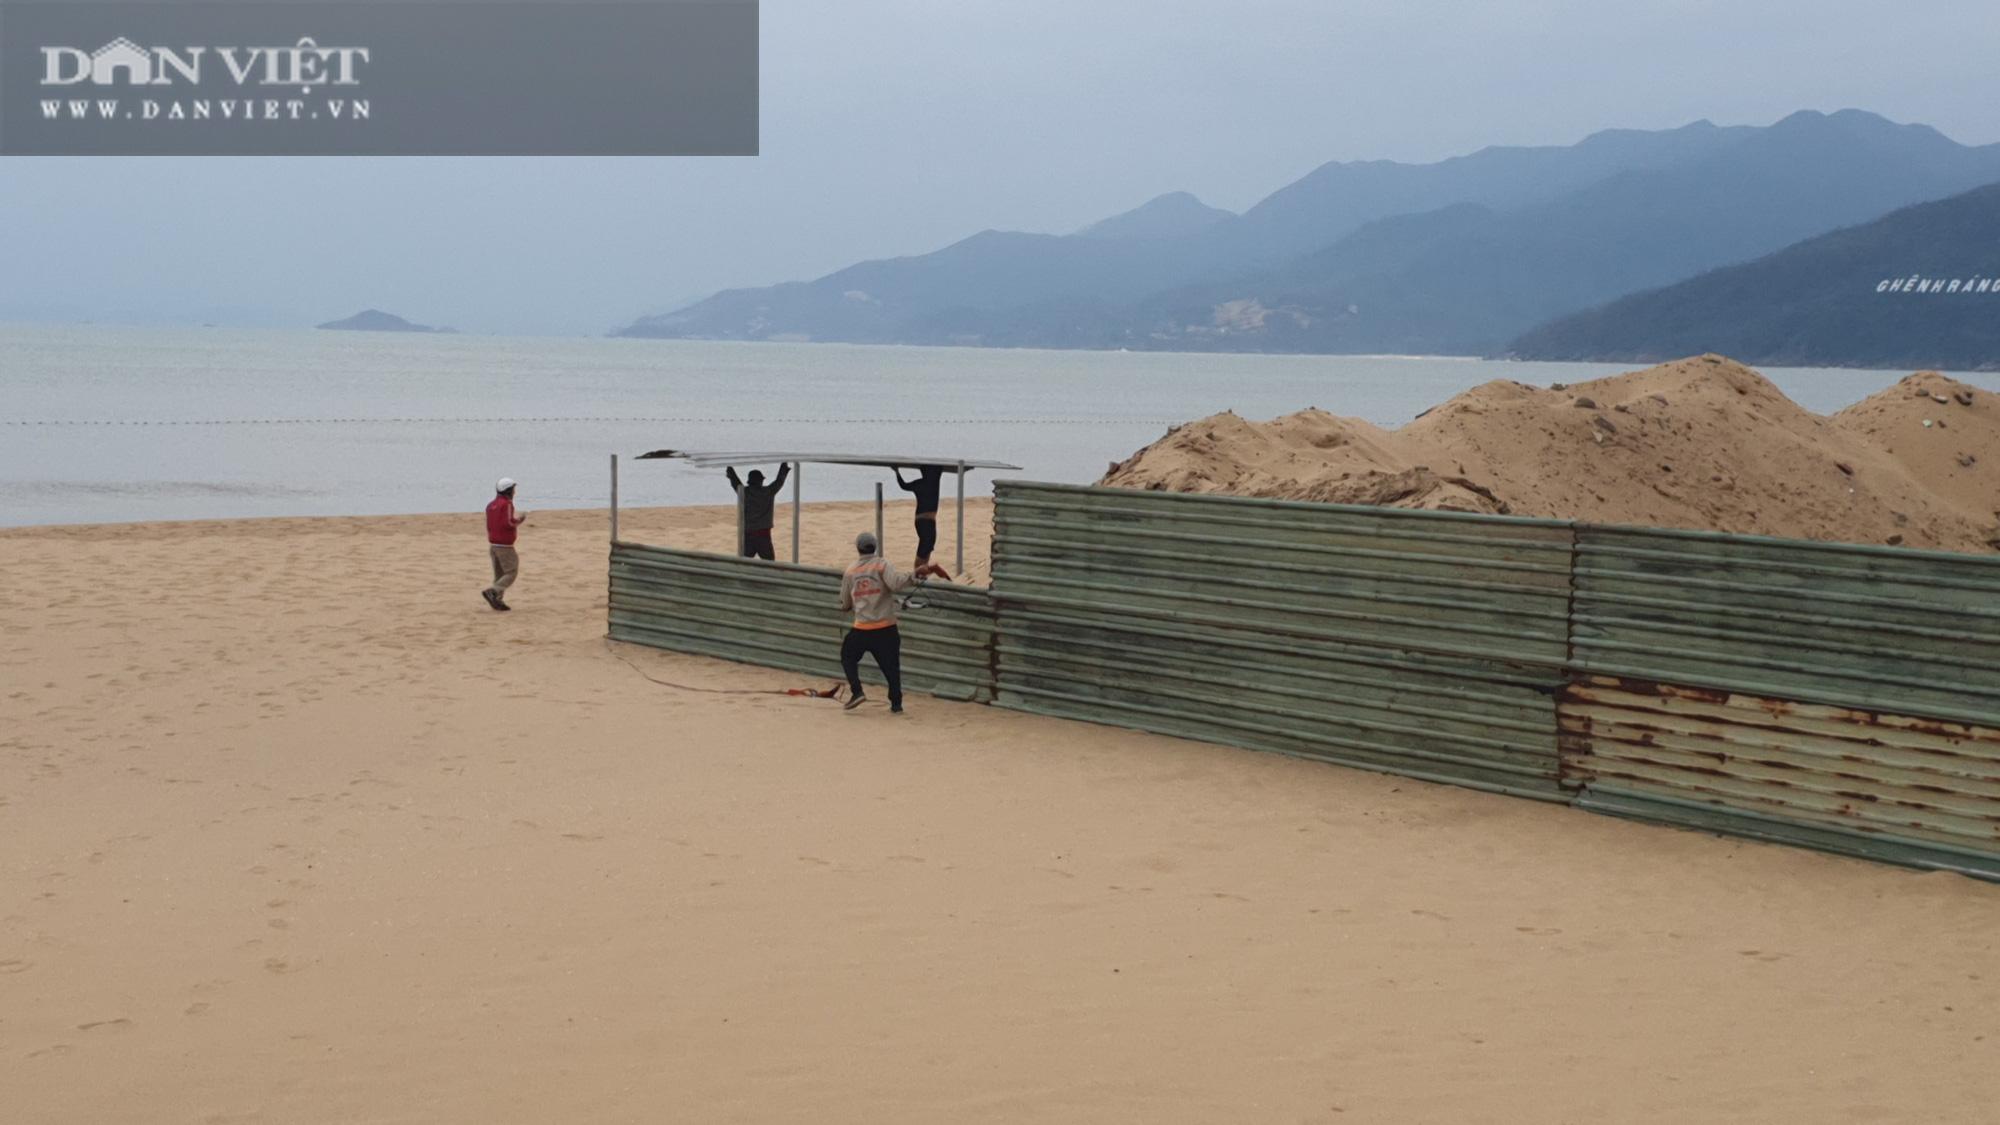 Cận cảnh cẩu 65 móng trụ bê tông không phép rời khỏi bãi biển Quy Nhơn - Ảnh 12.